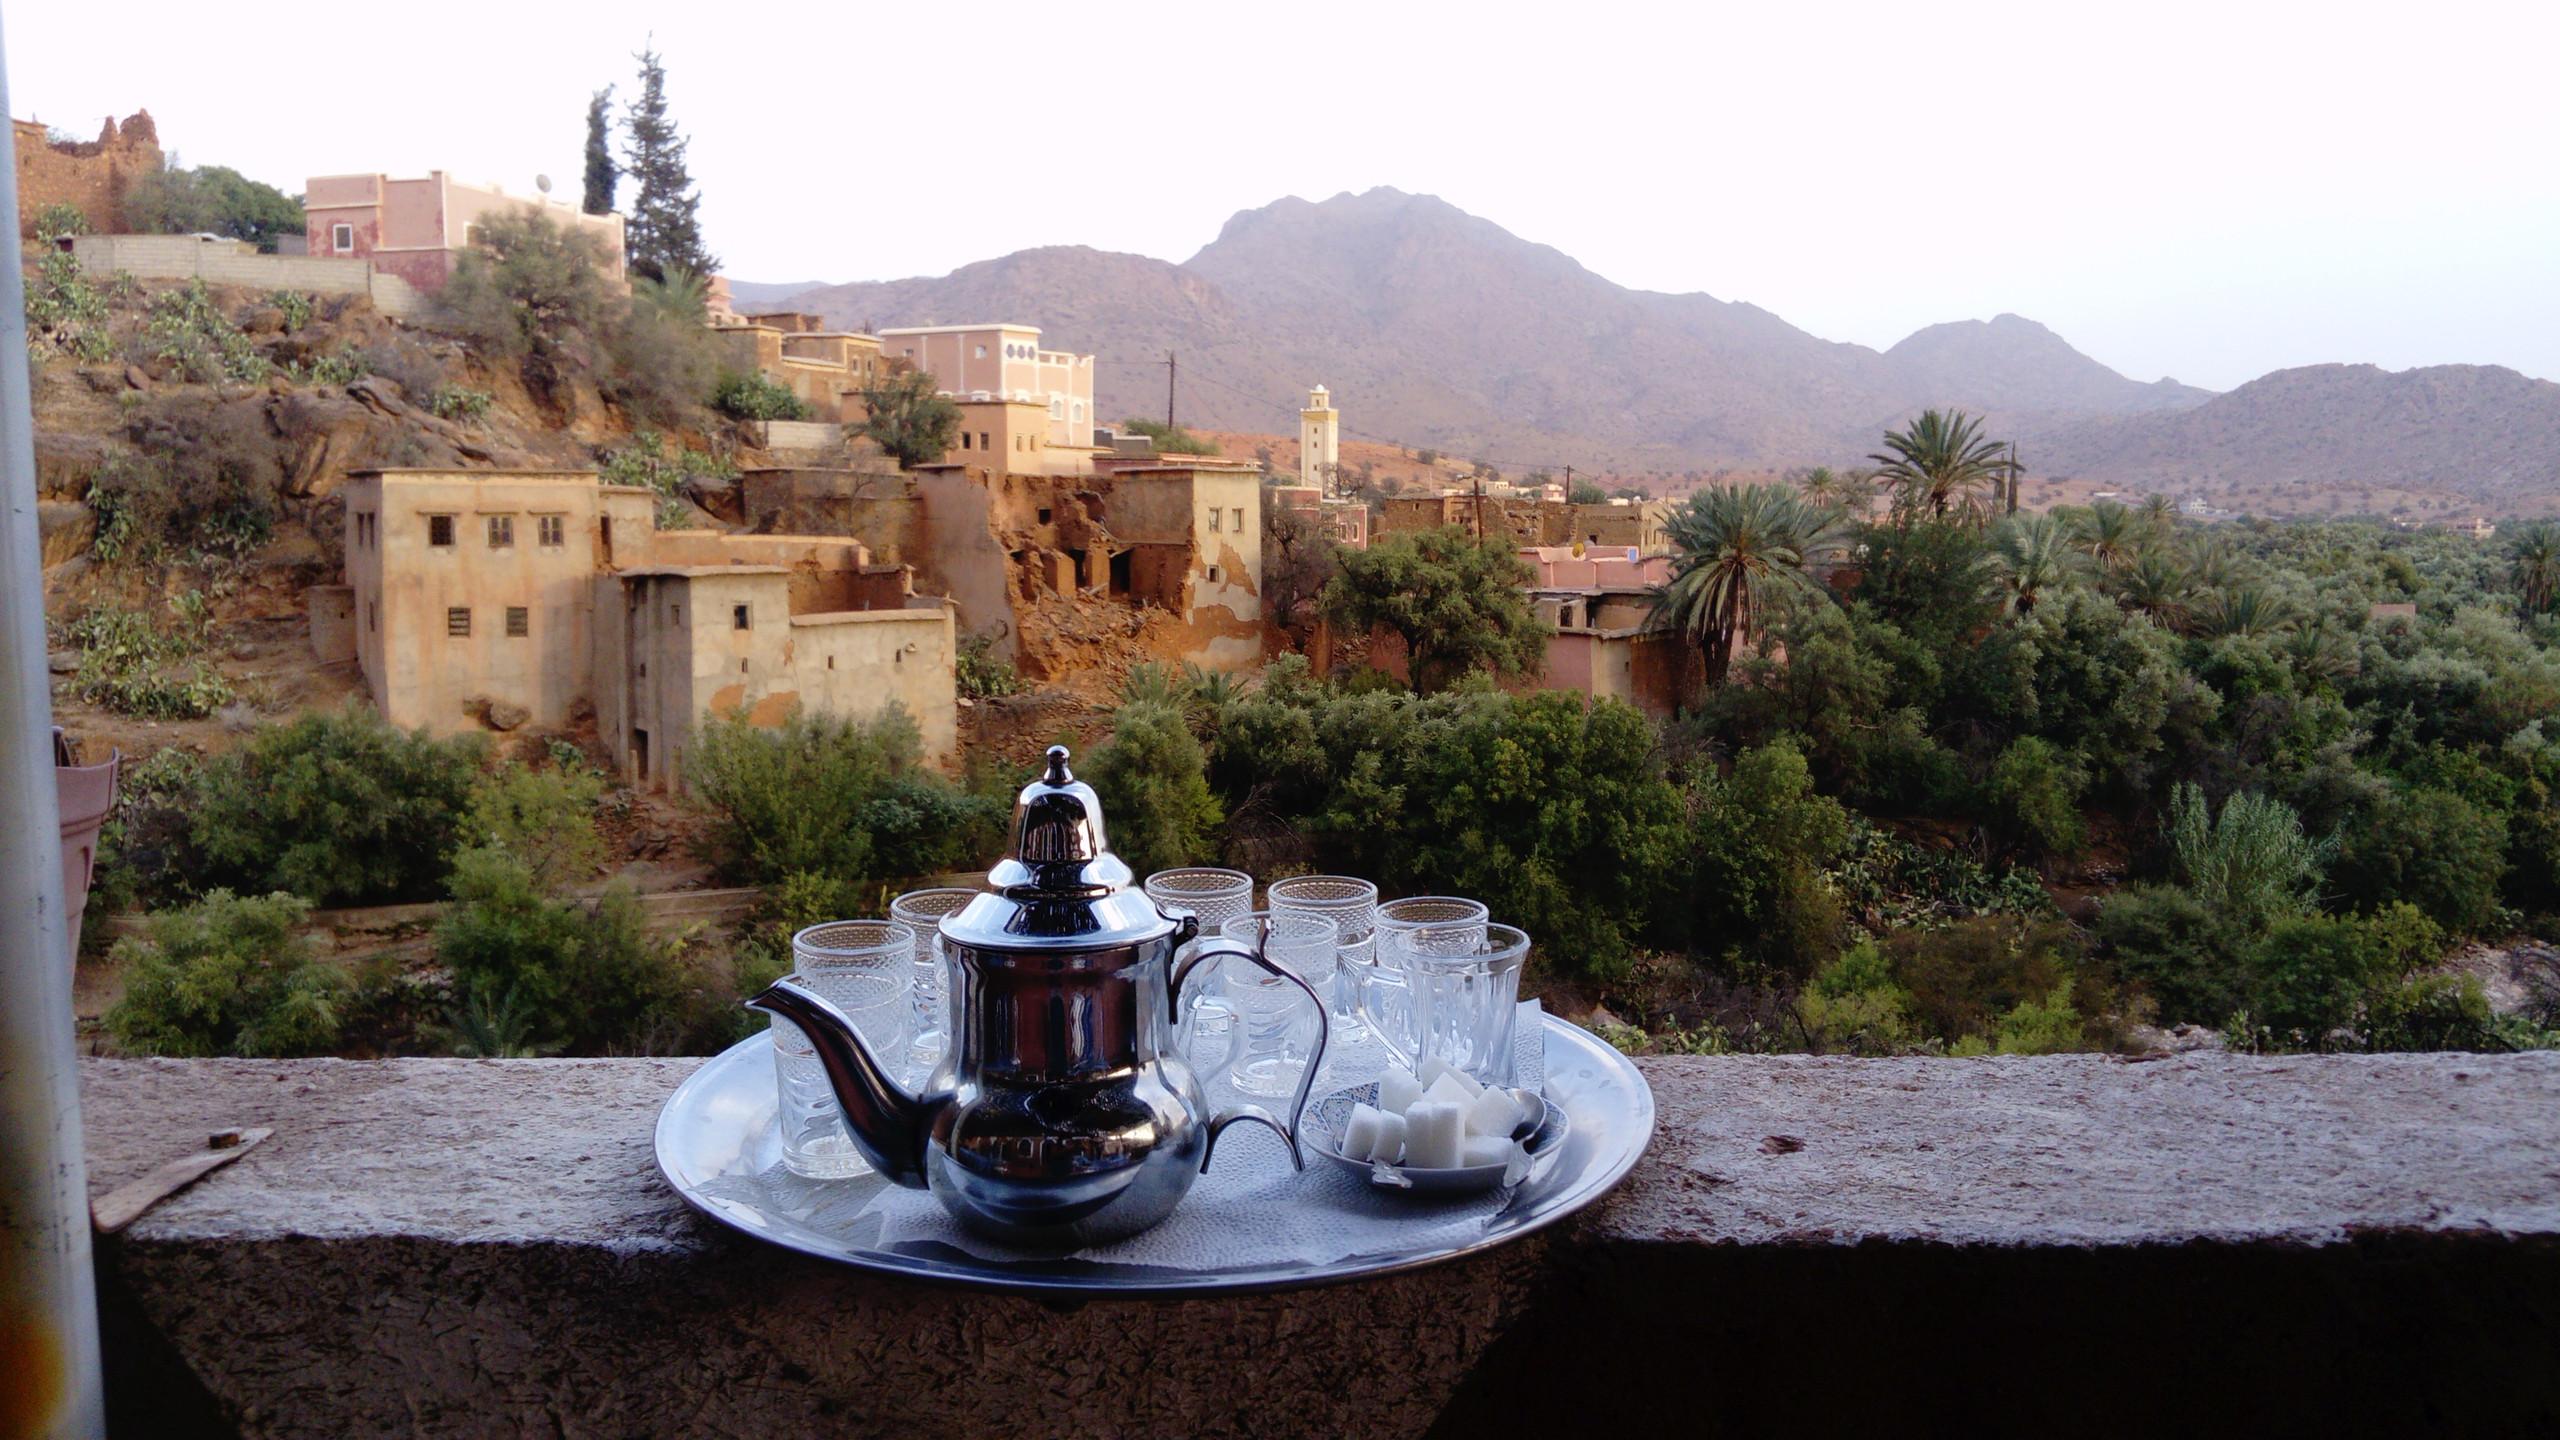 Séjour_adapté_Maroc_aout_2018_(25)